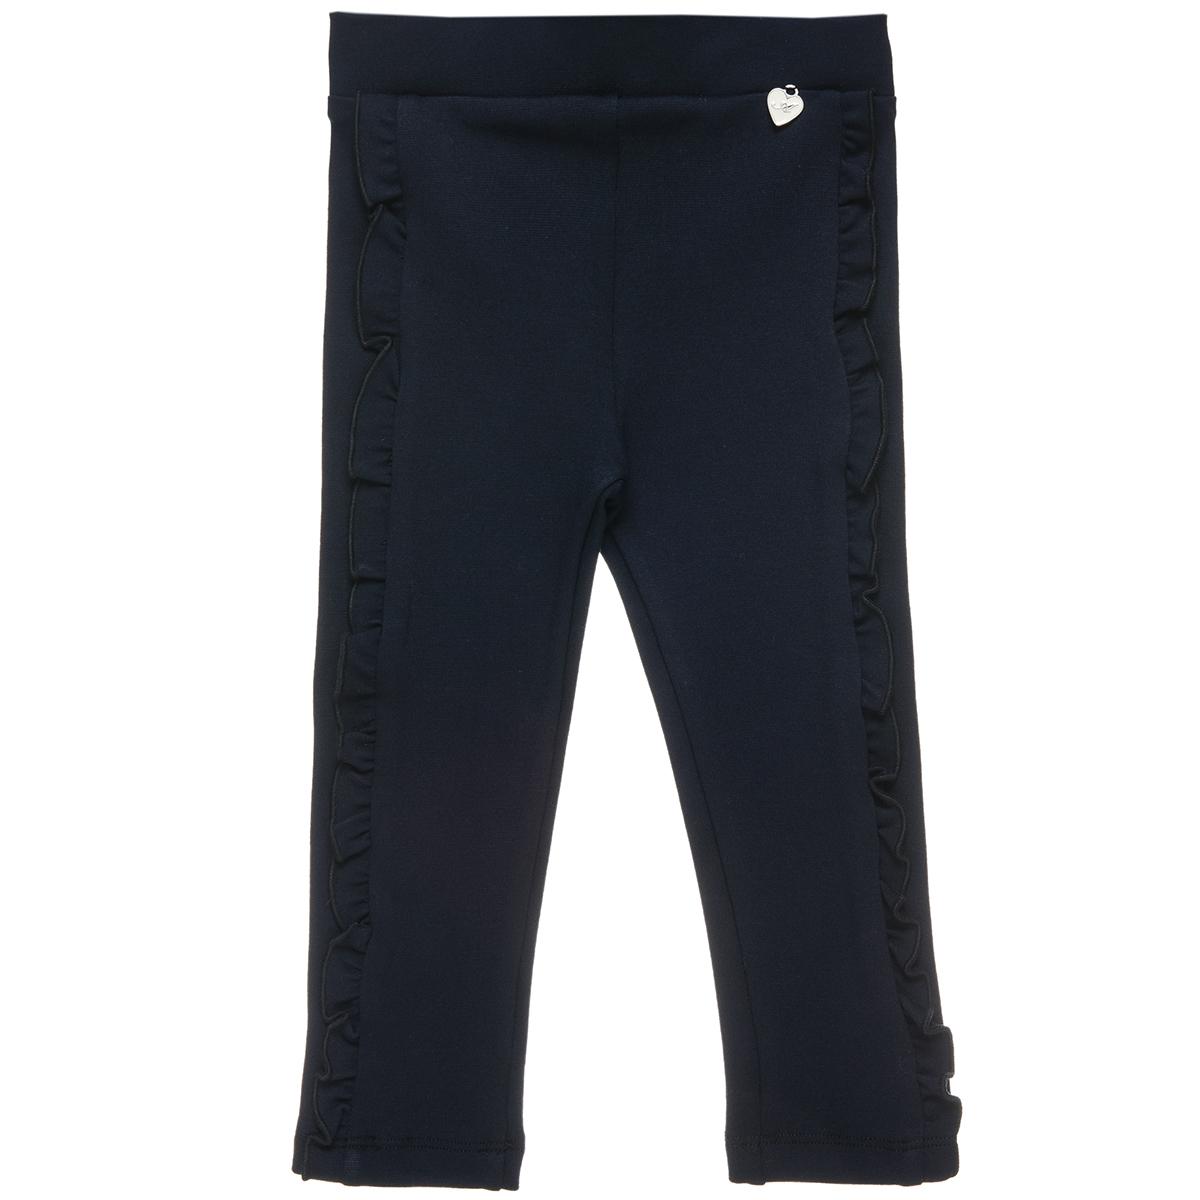 Παντελόνι κολάν με διακοσμητικό βολάν (Κορίτσι 18 μηνών-5 ετών) 00211807 - Μπλε - 4463-0002/3/10/173